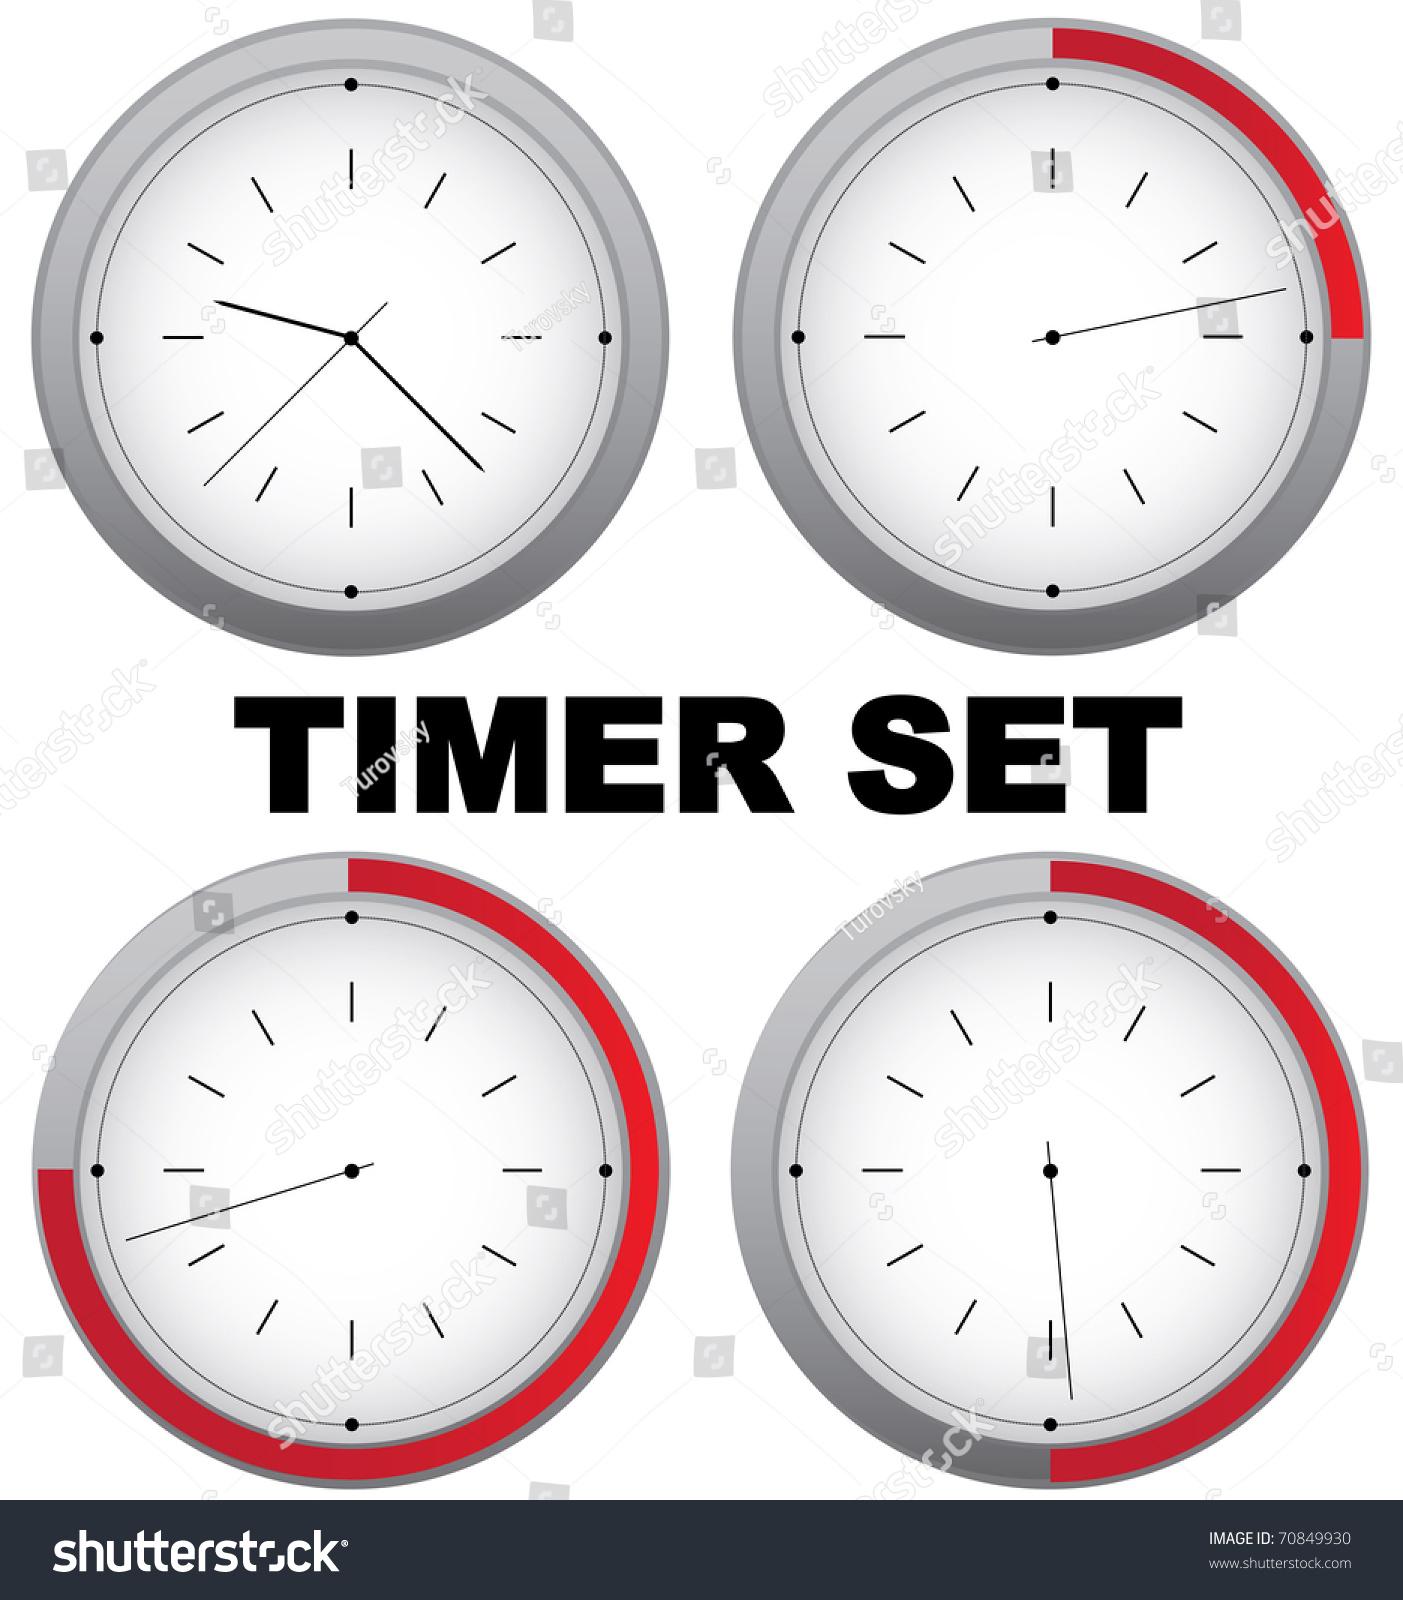 set a timer for 15 mins